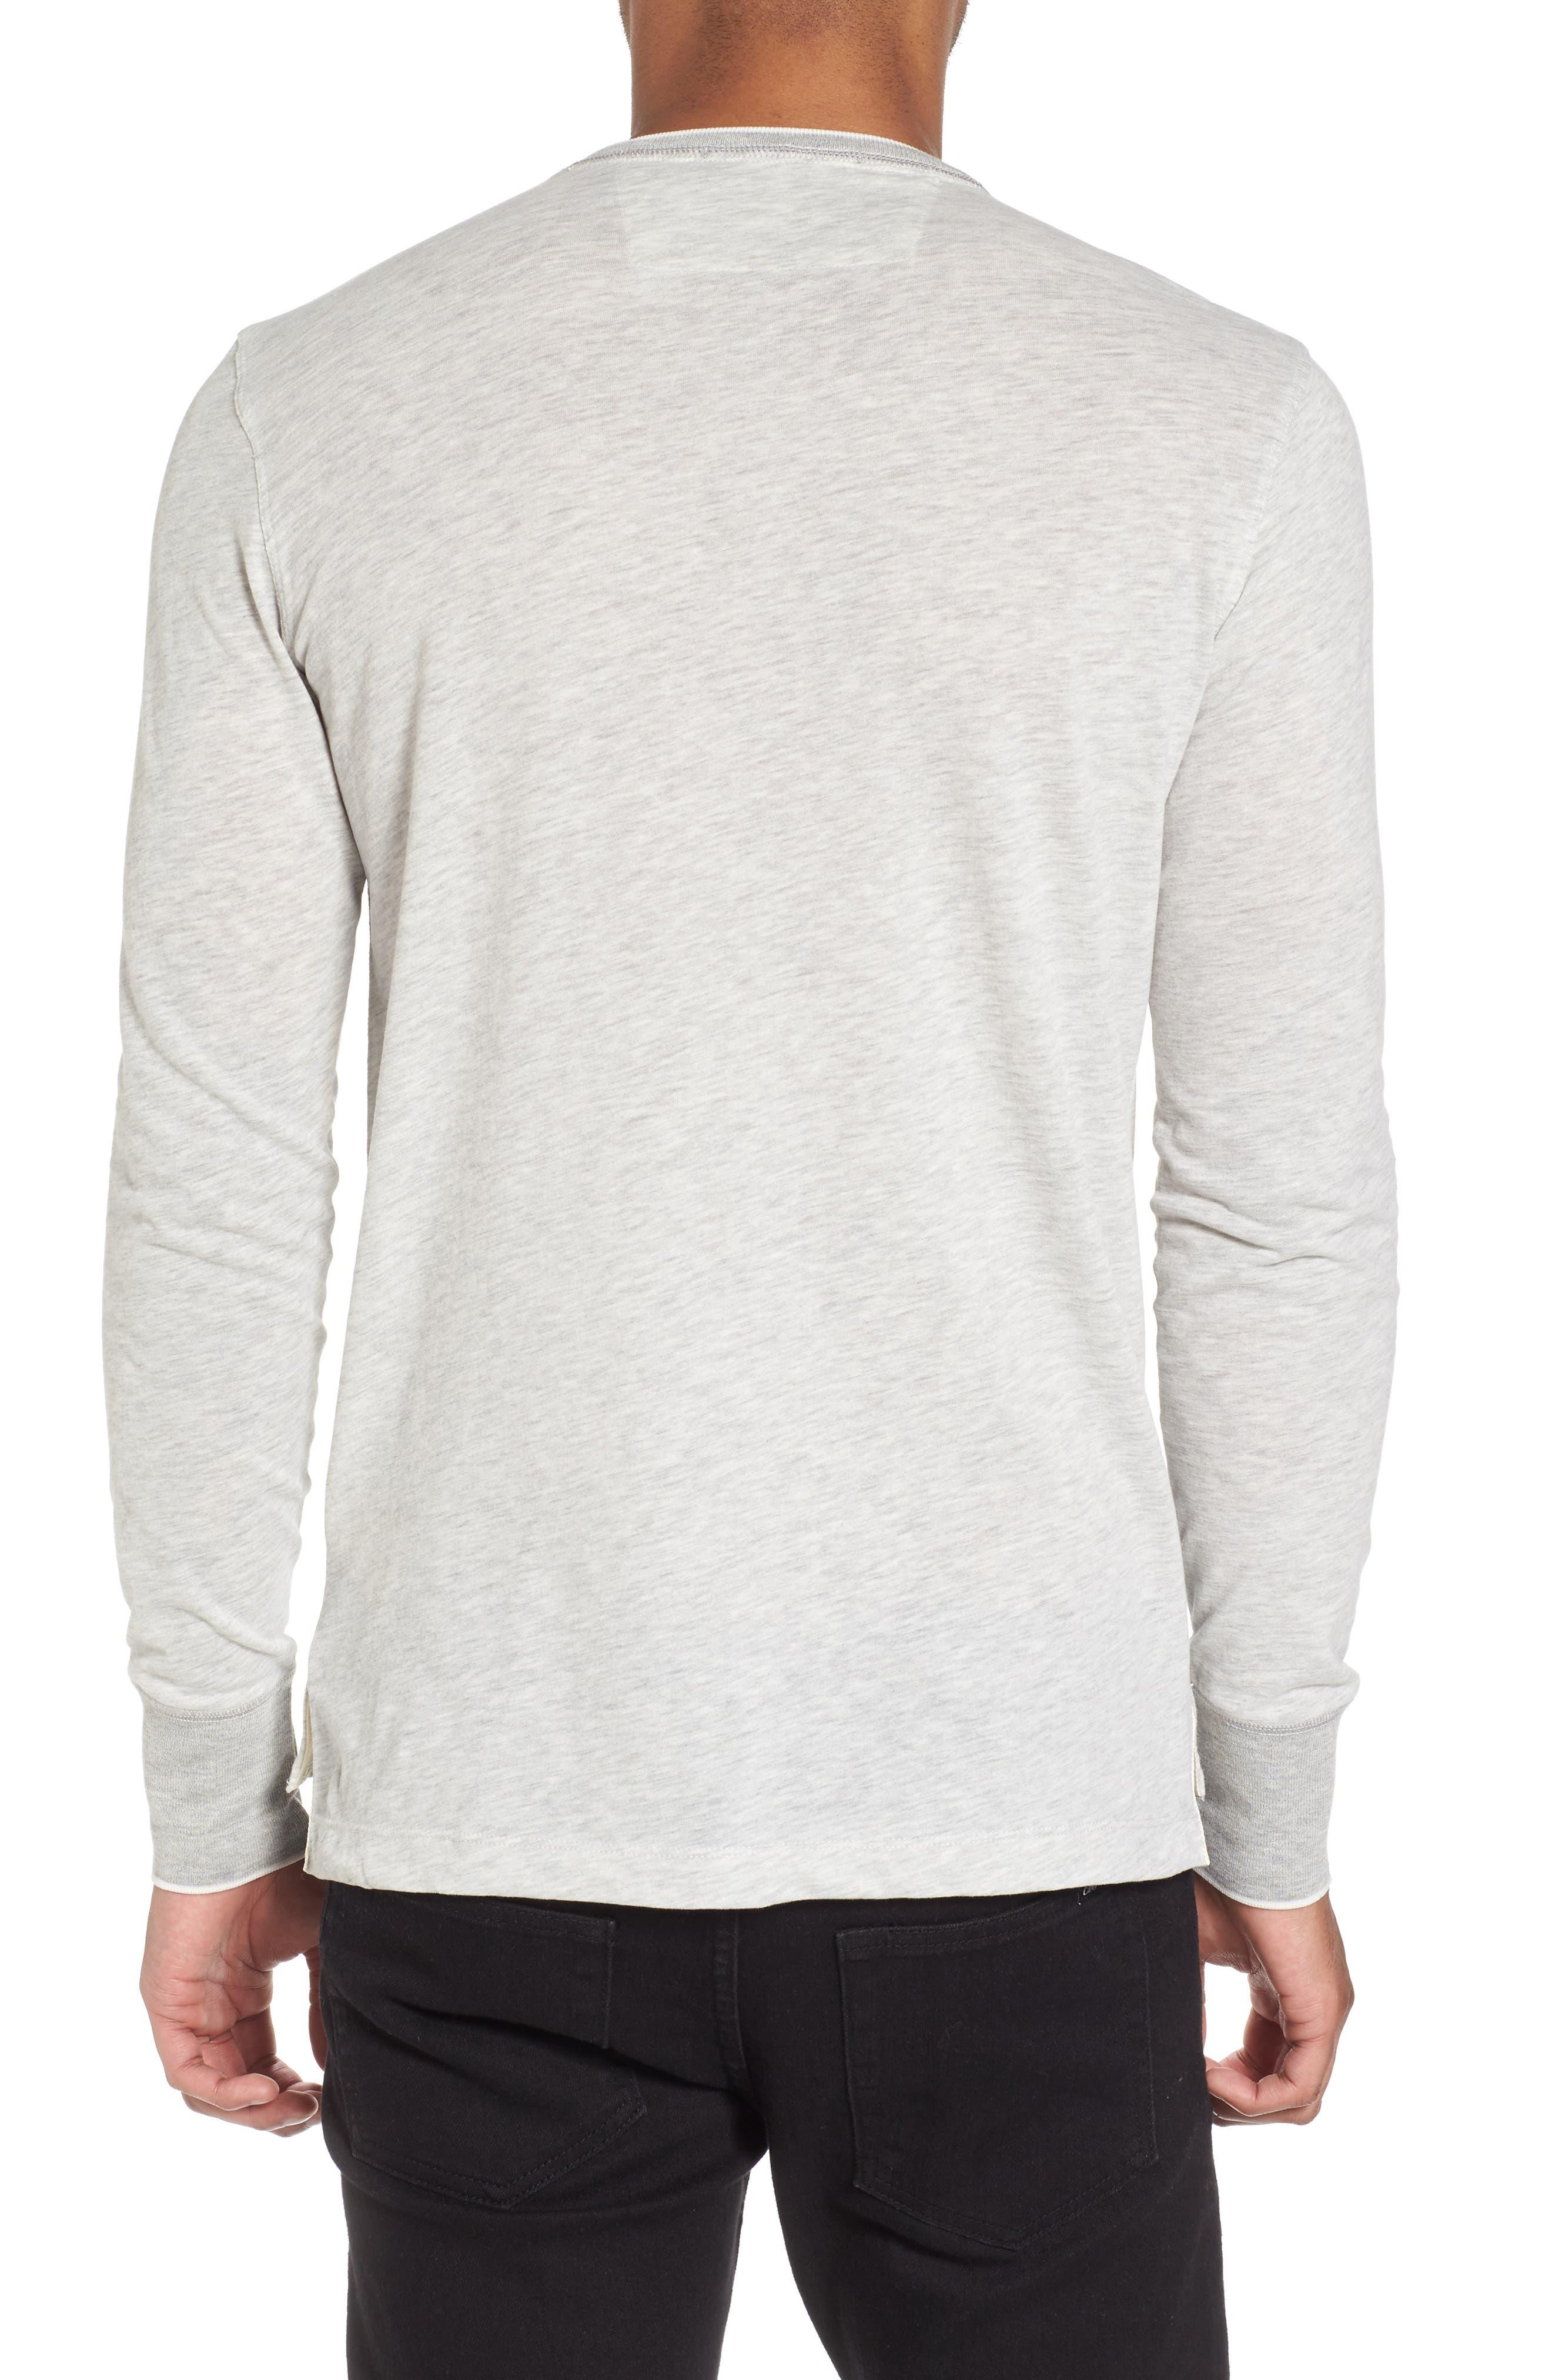 Club Nomade Soft Granddad T-Shirt,                             Alternate thumbnail 2, color,                             Grey Melange